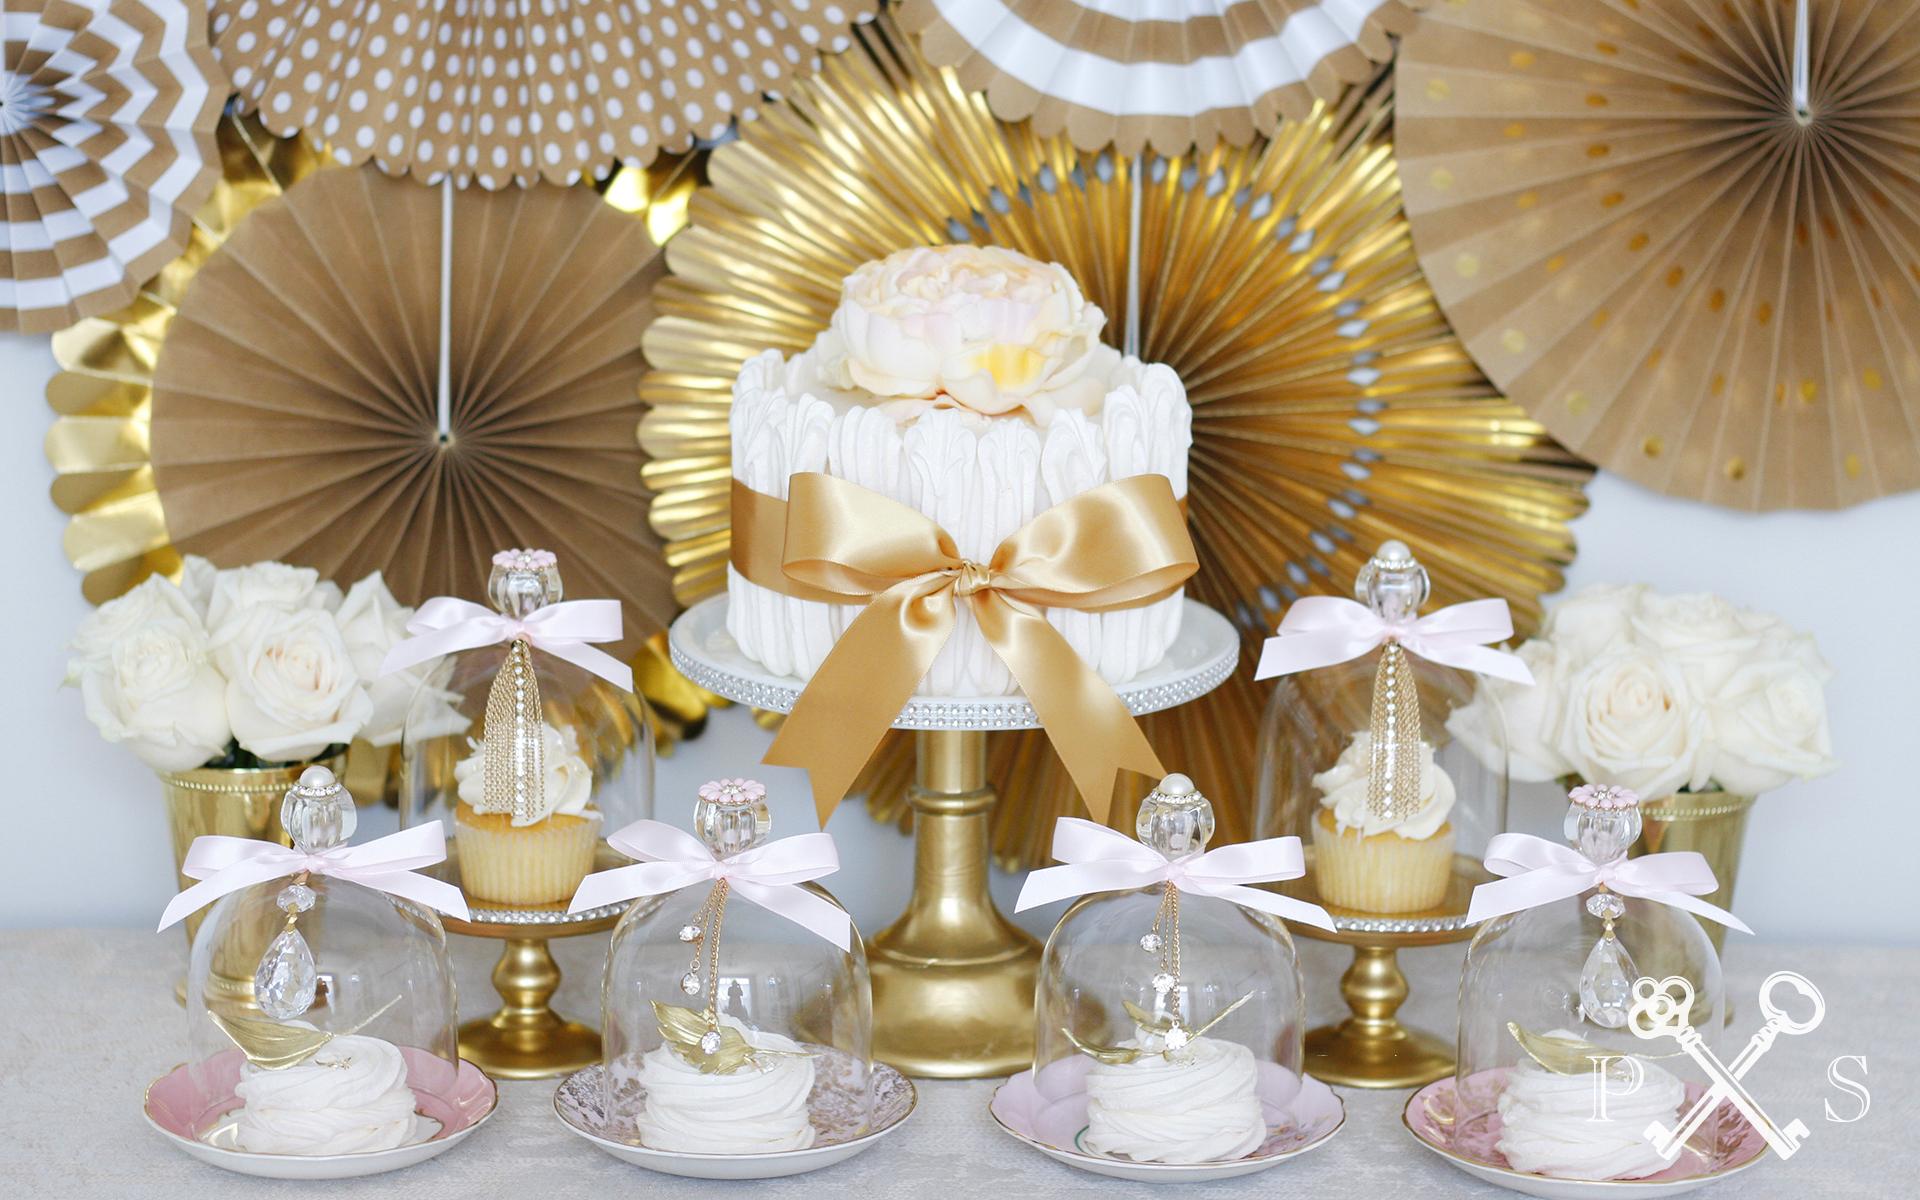 Mini Dessert Dome Table